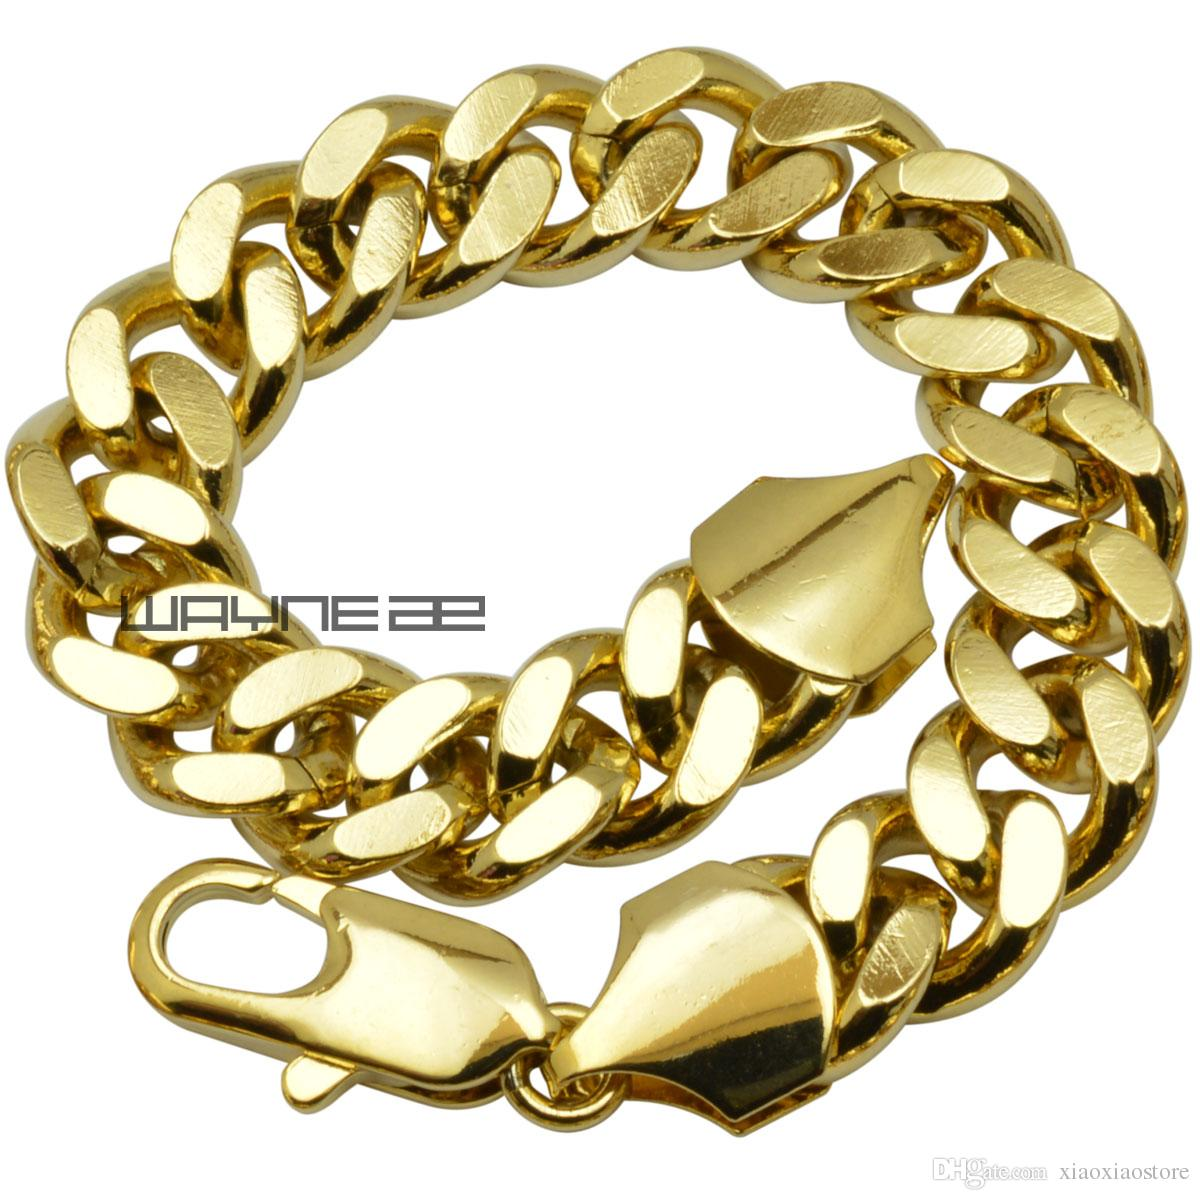 B147 anello in oro giallo 18 carati GF anelli di collegamento catena bracciale solido da donna gioielli braccialetto braccialetto